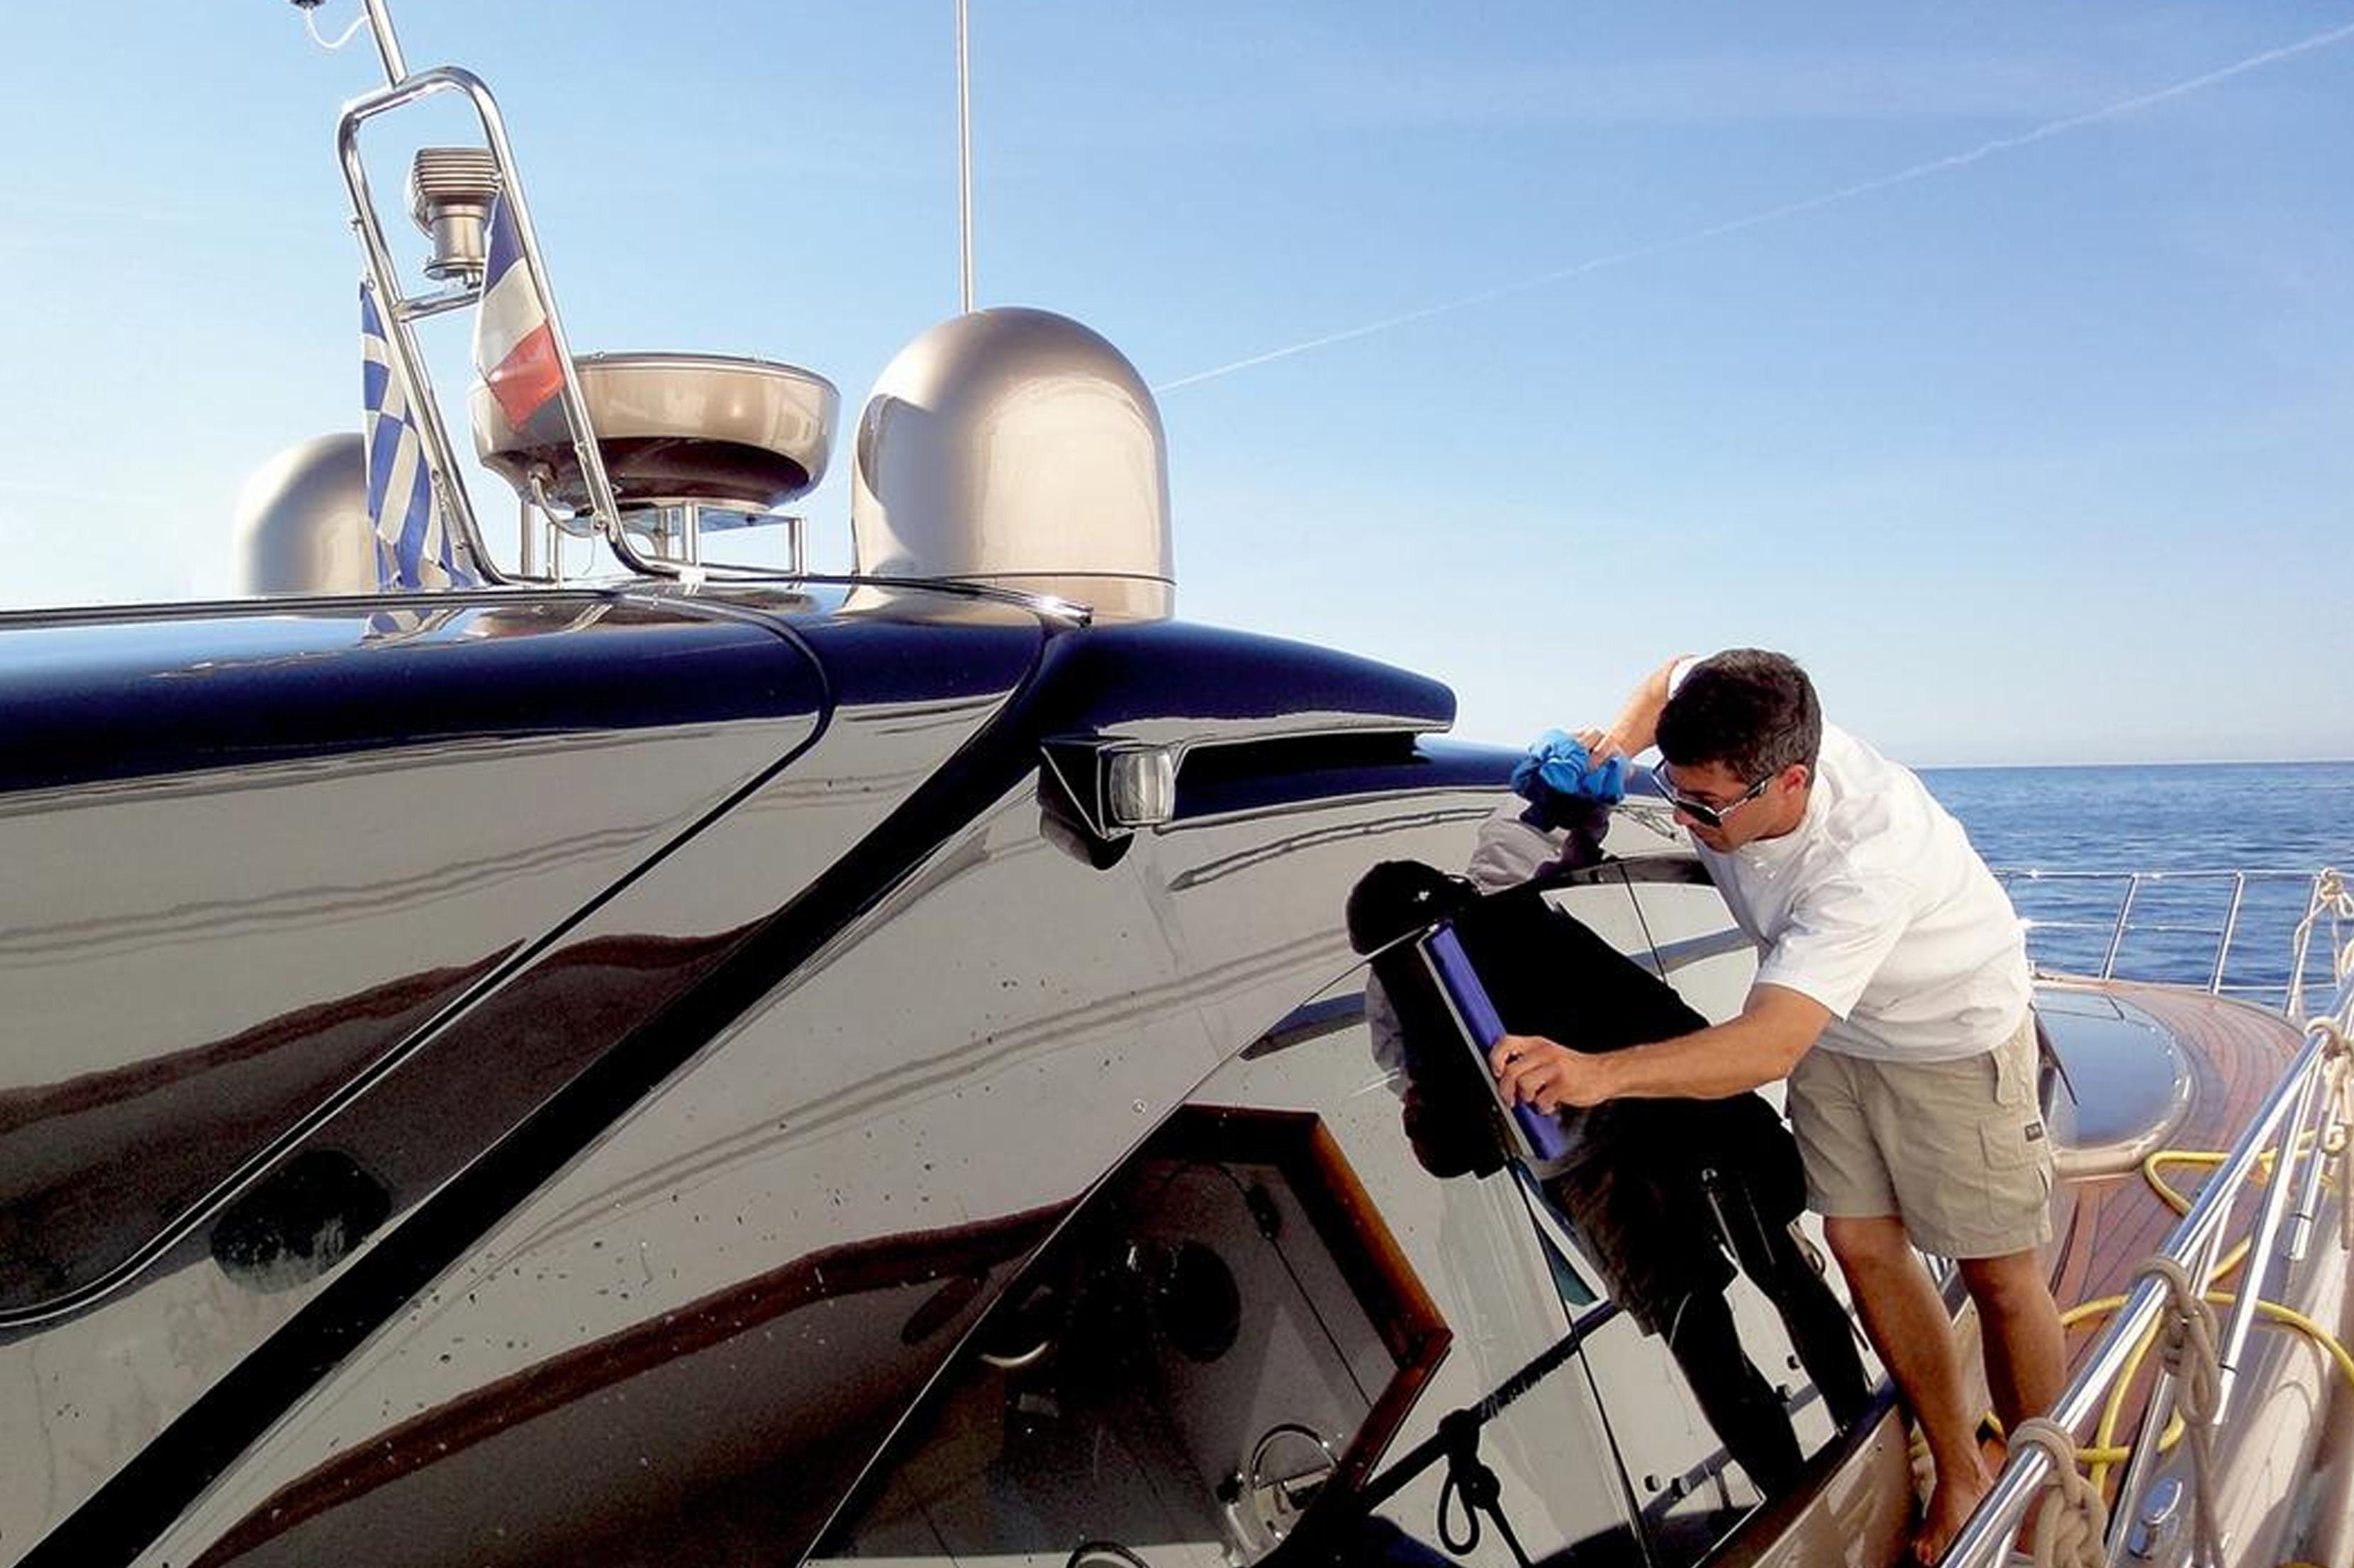 Sabe qual é a melhor forma de limpar o seu barco?